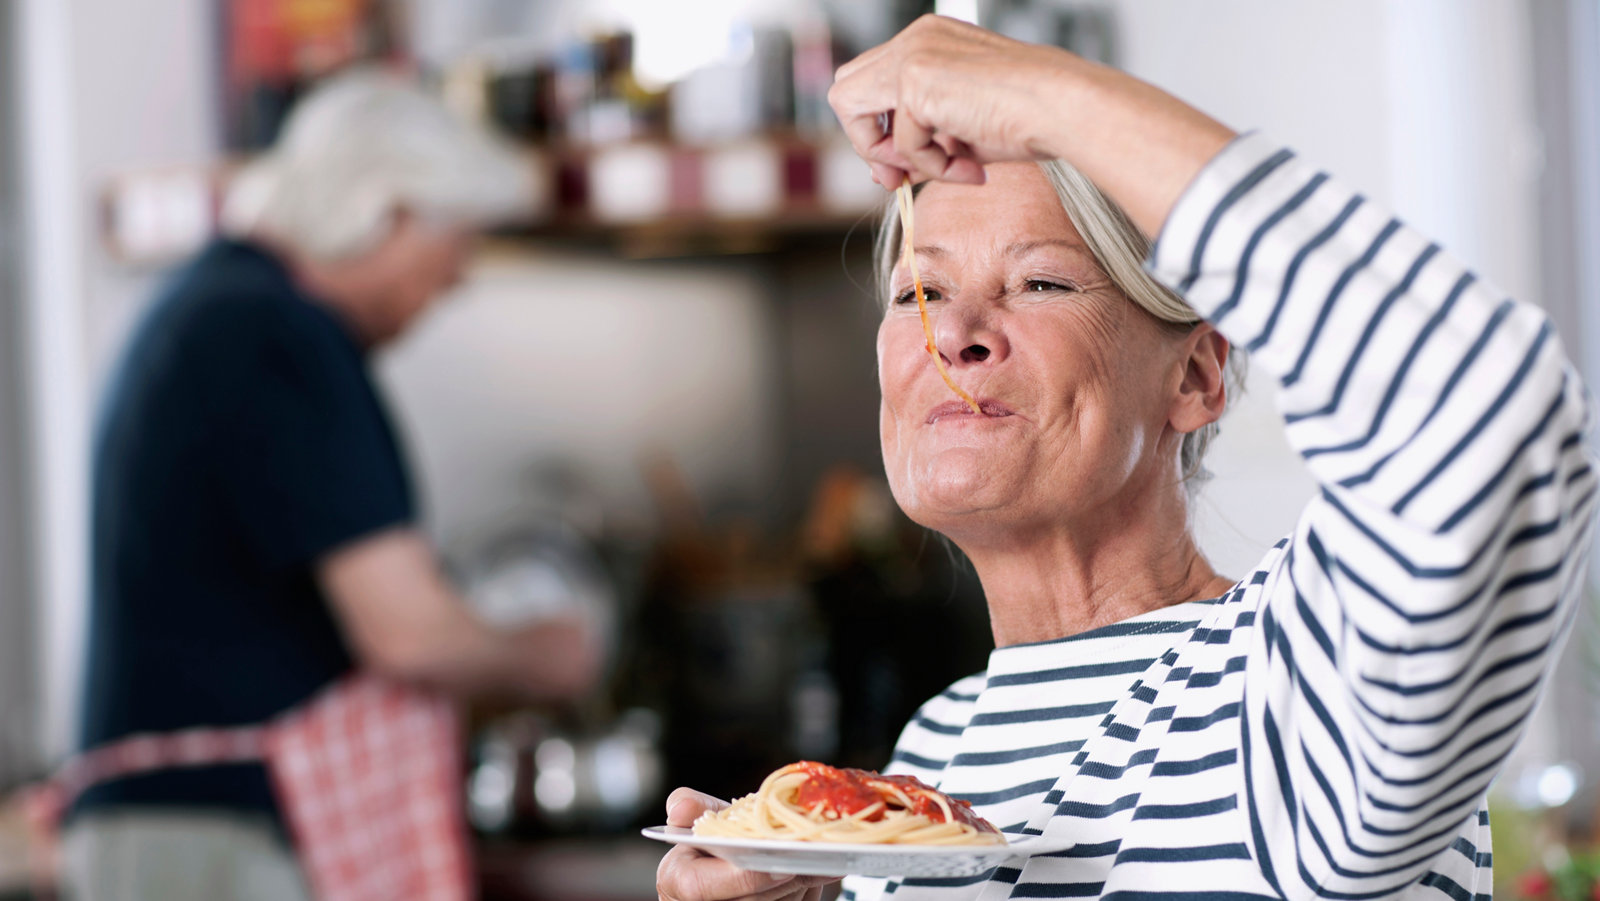 Alimentazione intuitiva: nuova libertà in tavola?